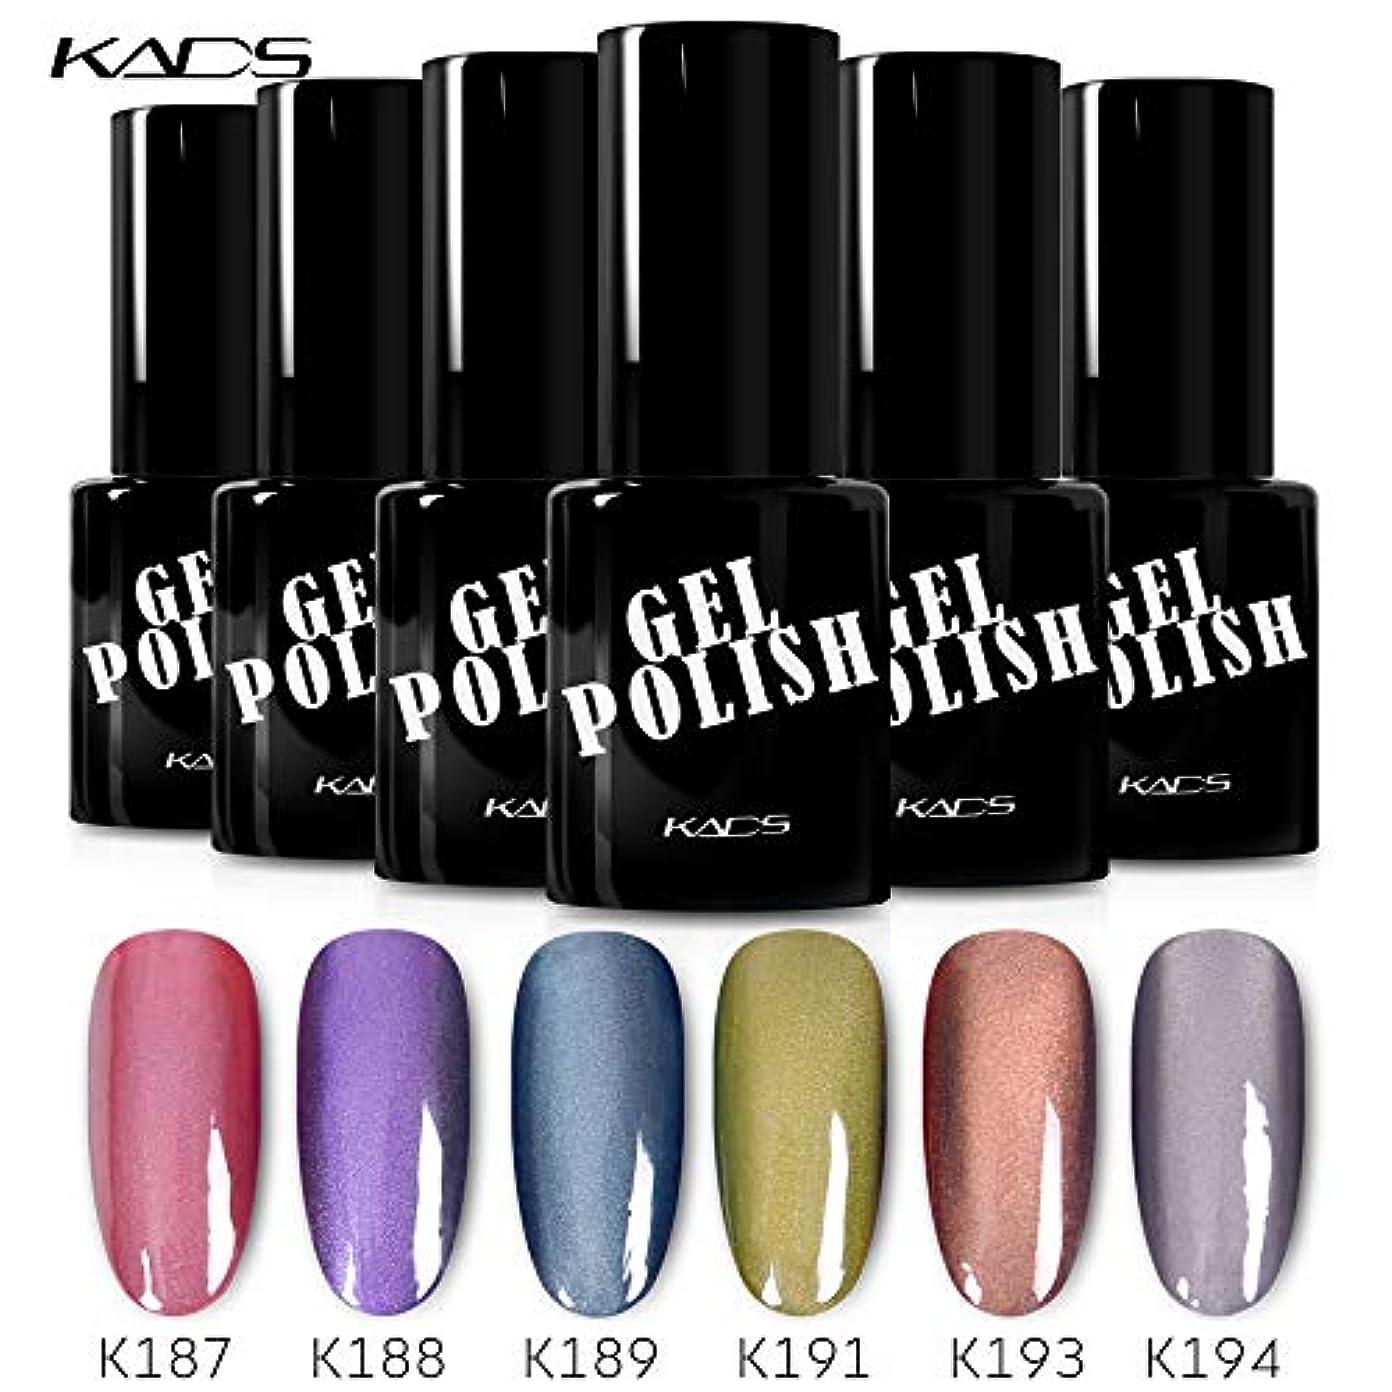 厚さ寝具入手しますKADS カラージェル 6色入り キャッツアイジェルネイル グリーン/ピンク/グレー カラーポリッシュ UV/LED対応 艶長持ち